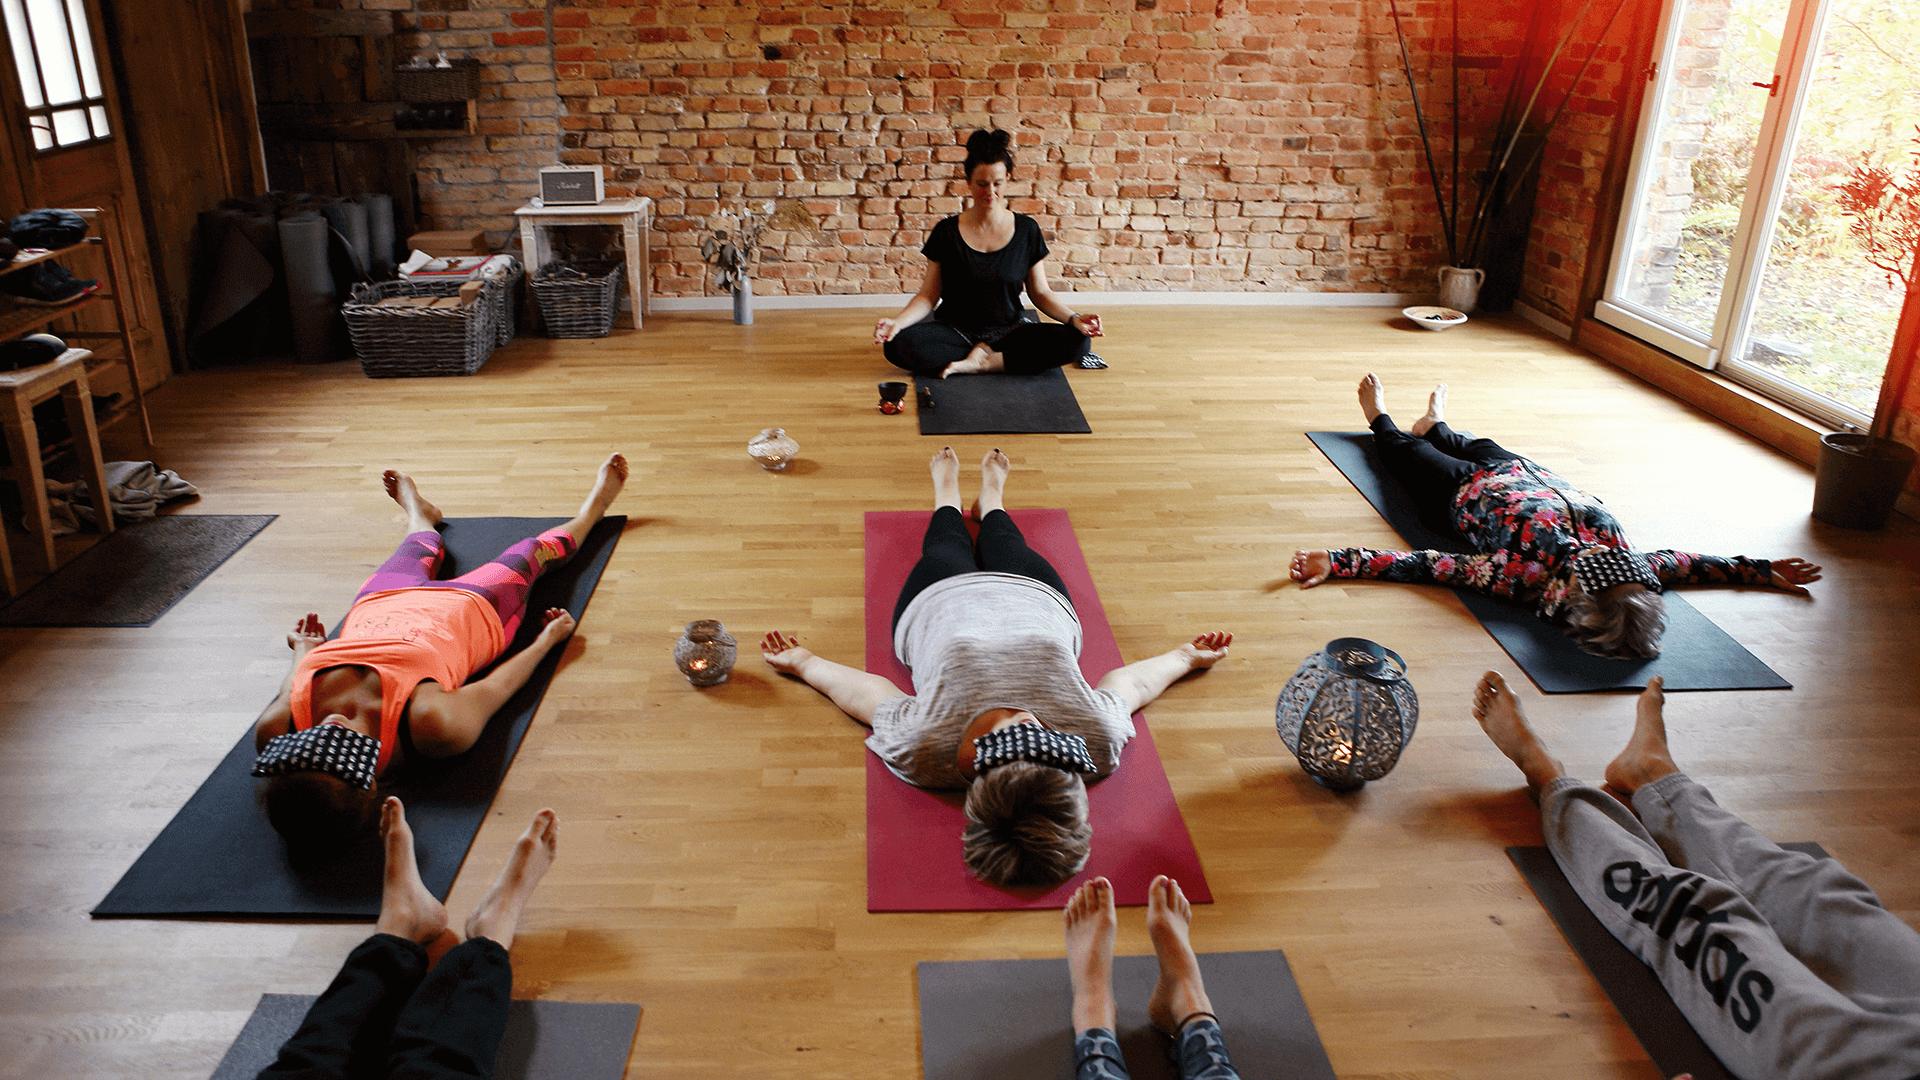 Nadiyoga-berlin-pankow-yogastudio-yoga-workshops